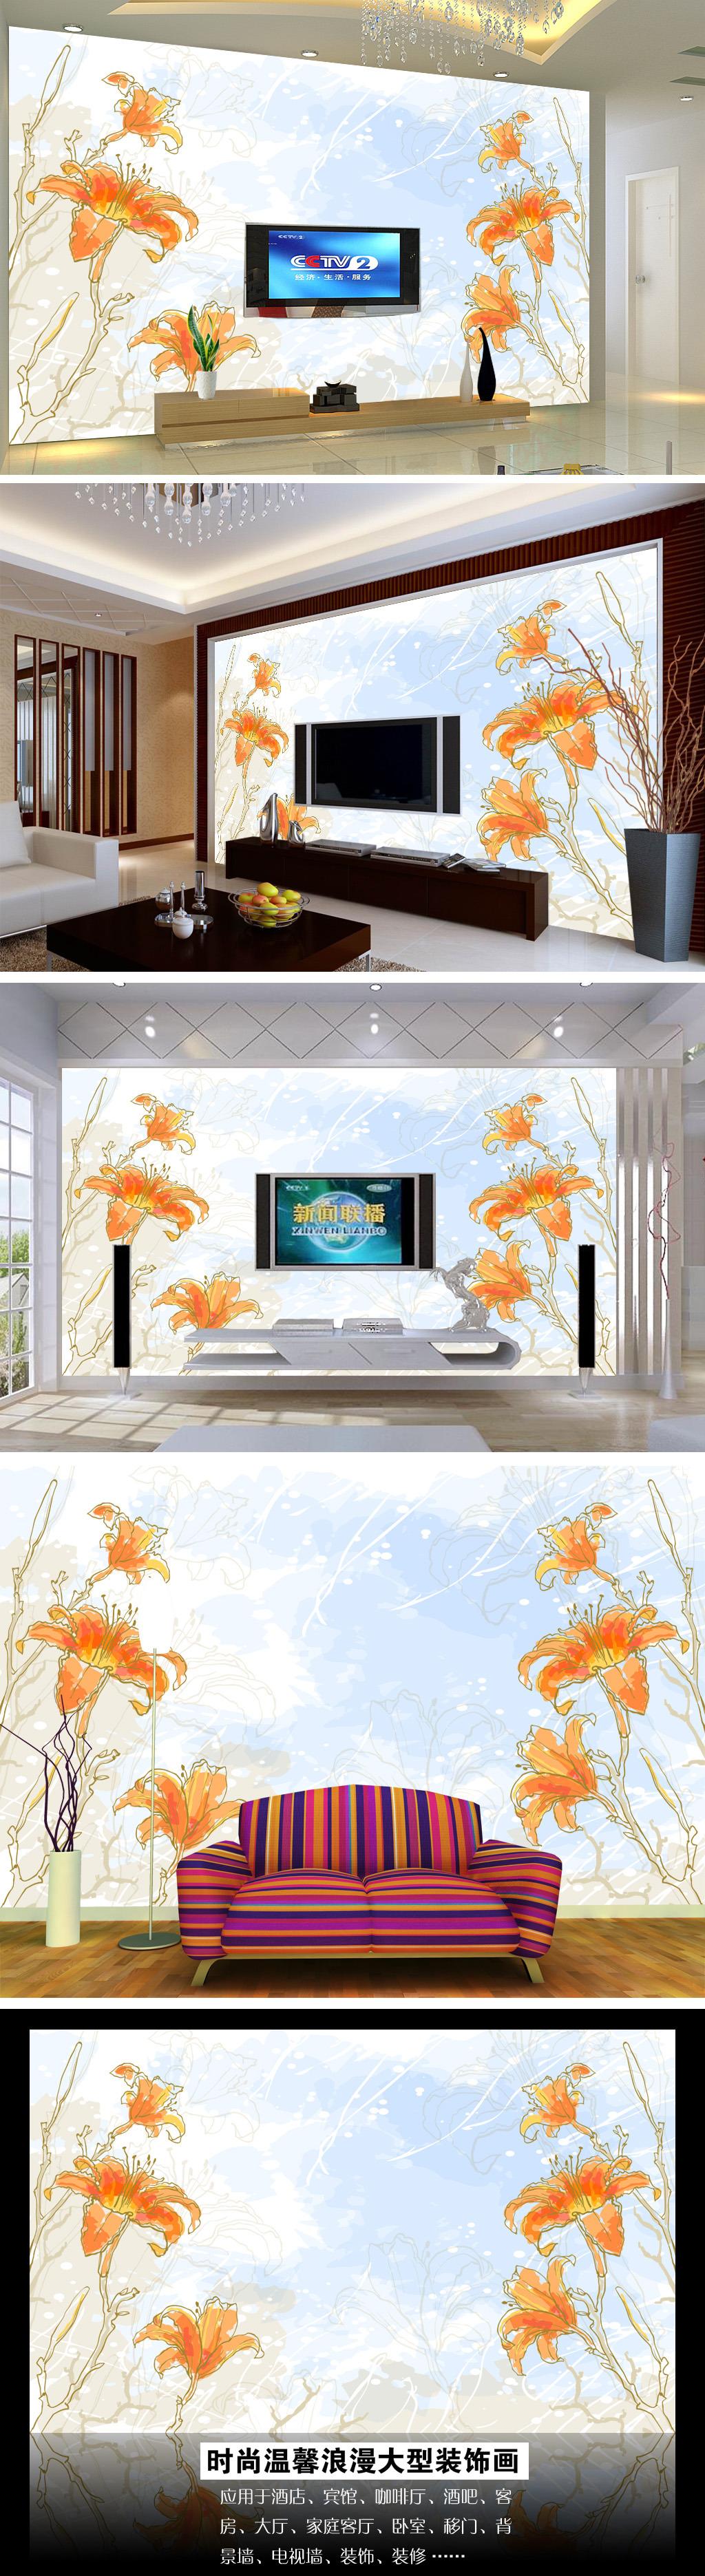 手绘百合电视背景墙